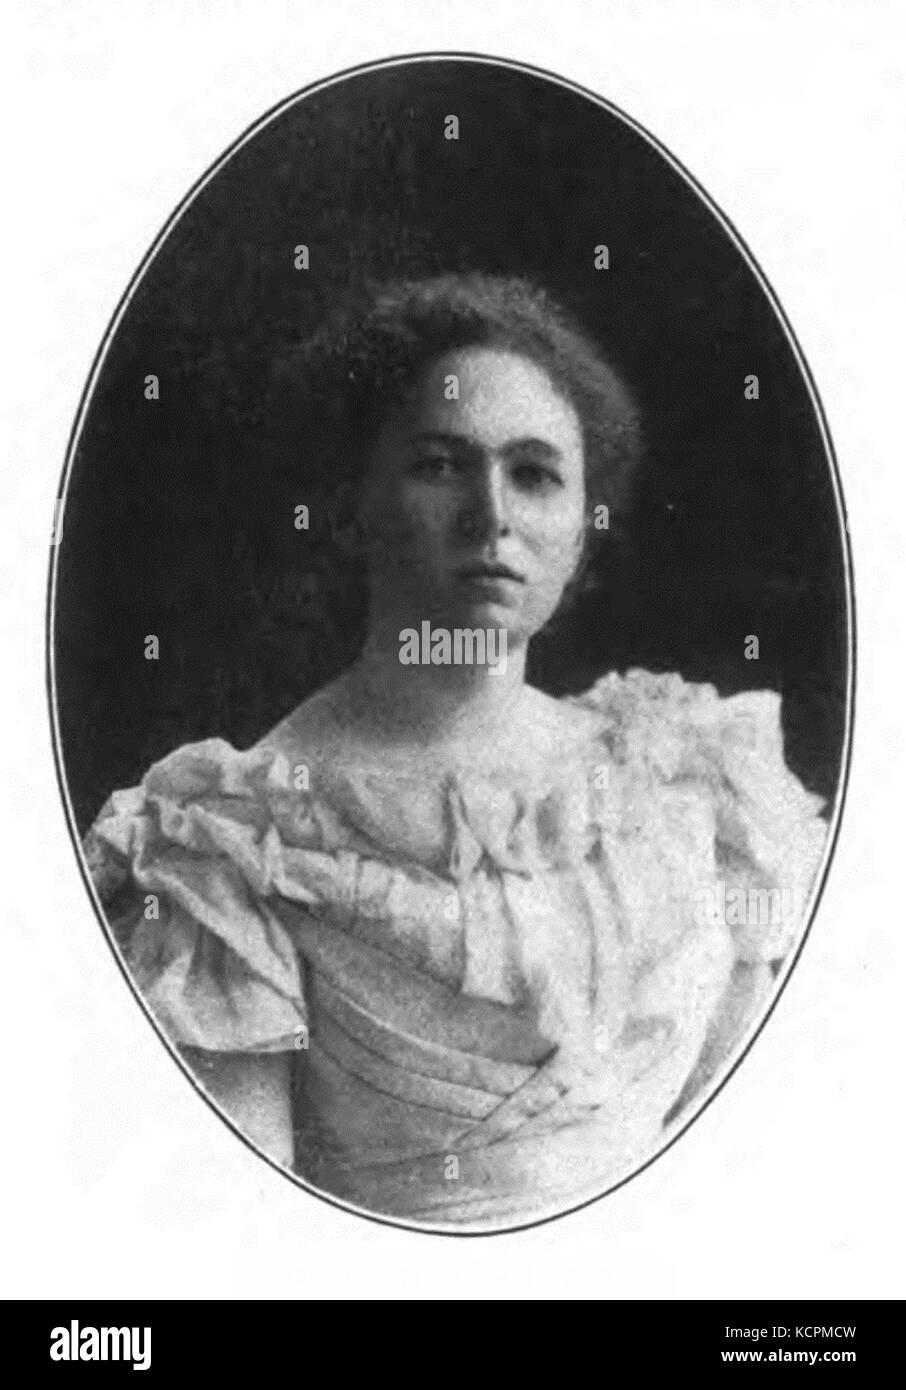 Queen Latifah pictures